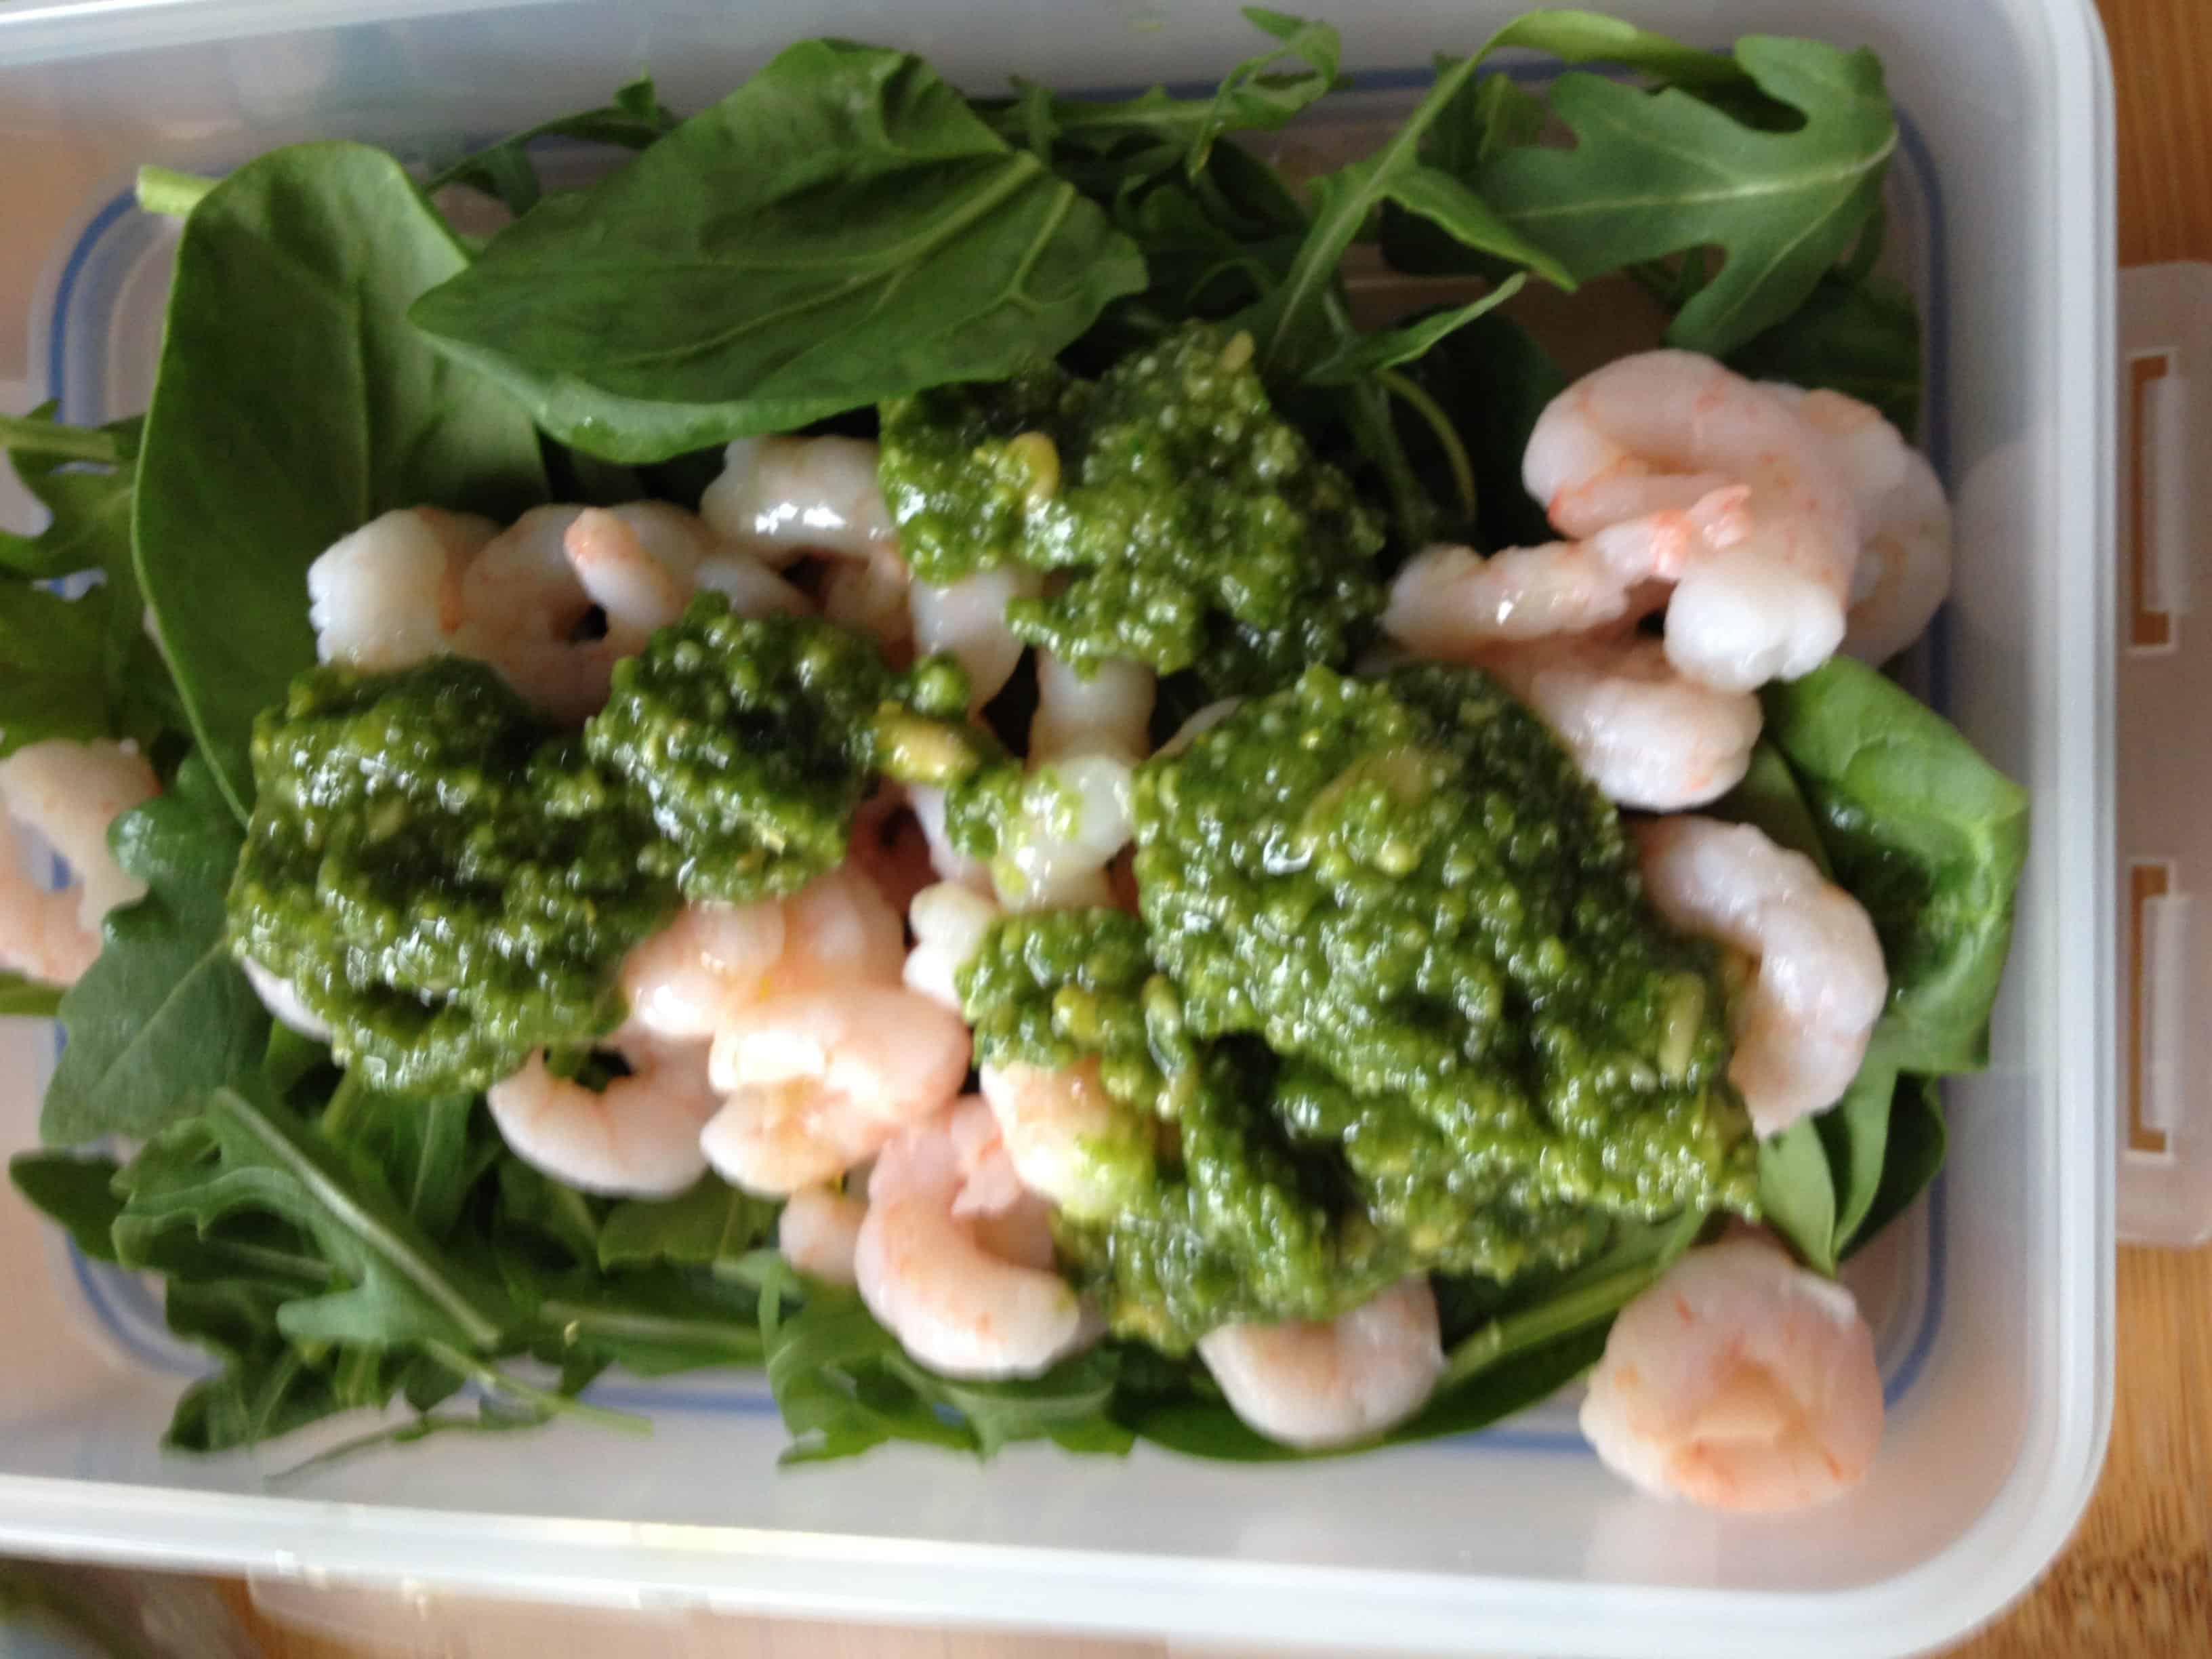 Prawn salad with my home made pesto